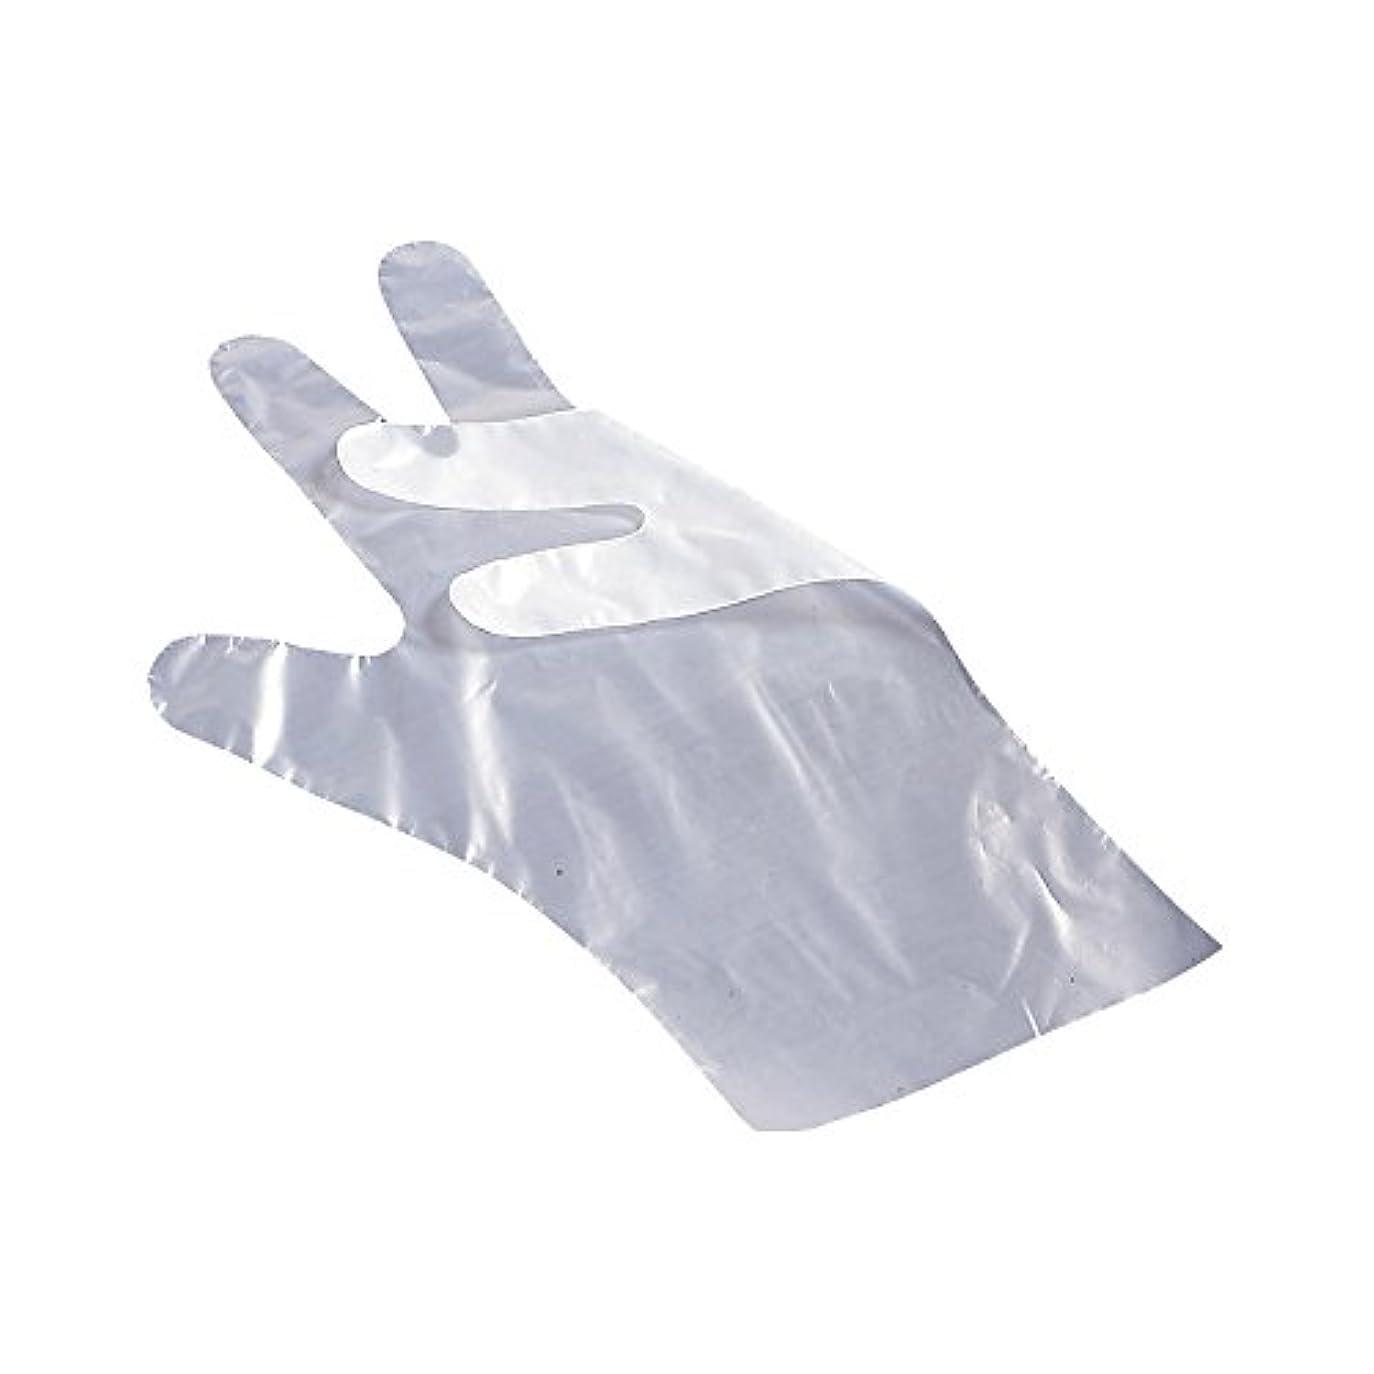 ポーチ納税者規模サクラメンエンボス手袋 デラックス 白 L 100枚入